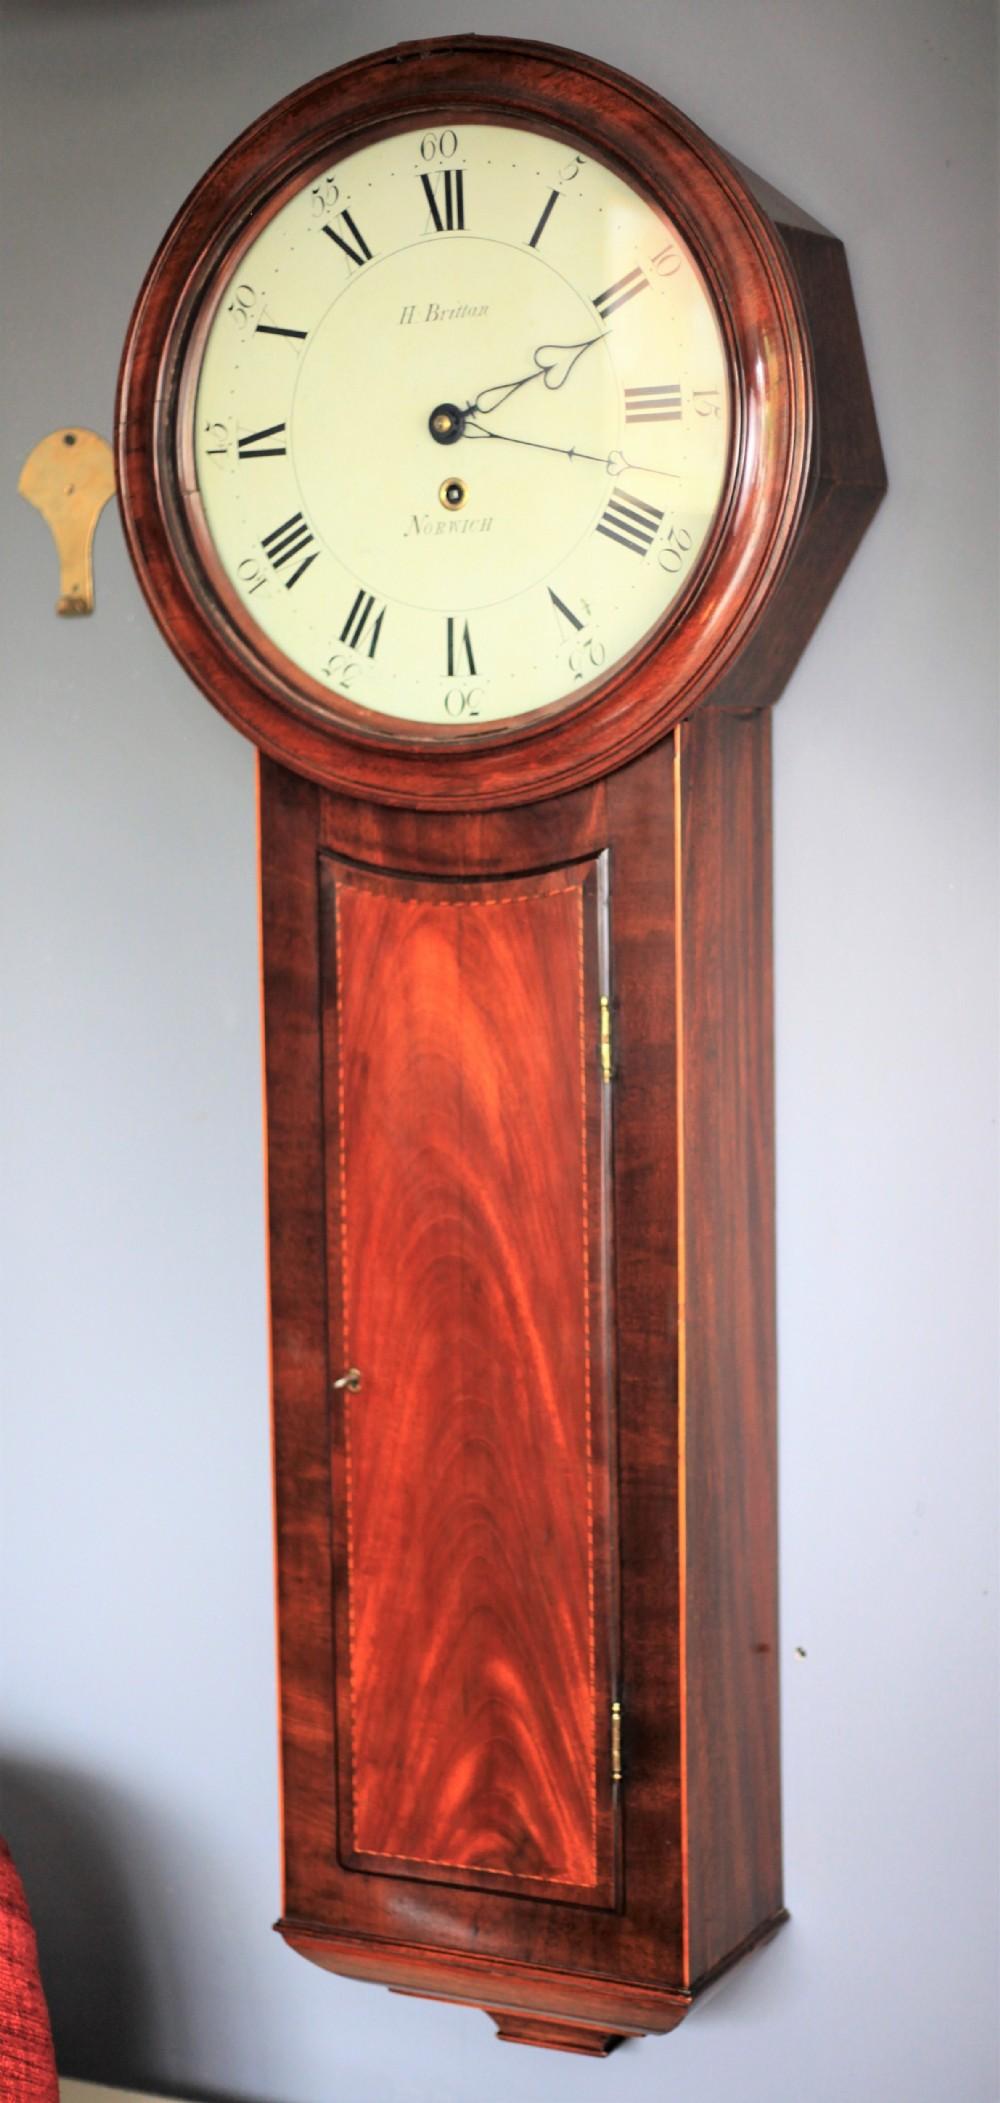 a fine norwich wall clock by h brittan